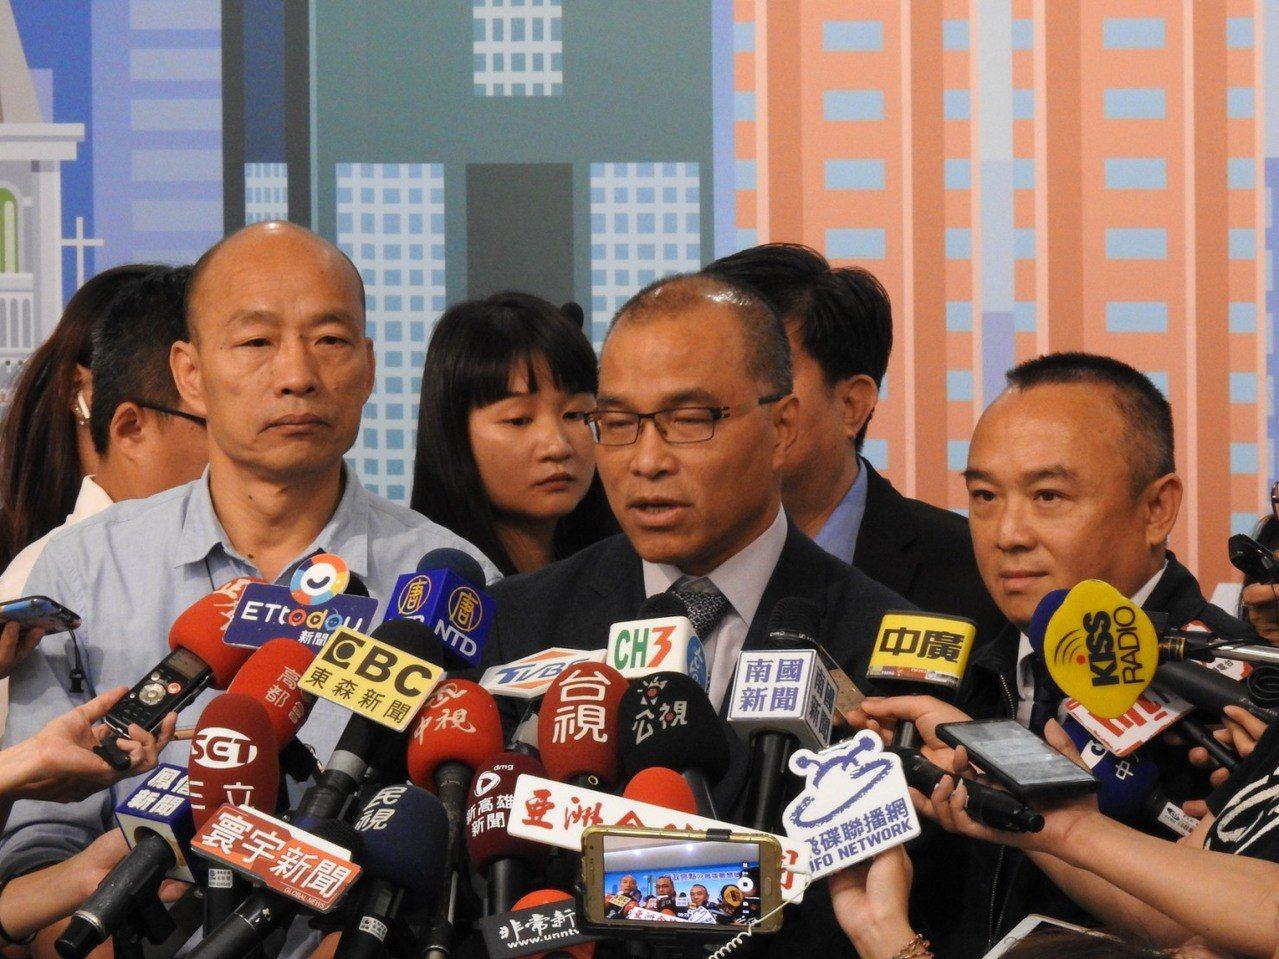 施政成果報告記者會後,副市長葉匡時報告調查結果,並要潘恒旭正式道歉。記者徐白櫻/...